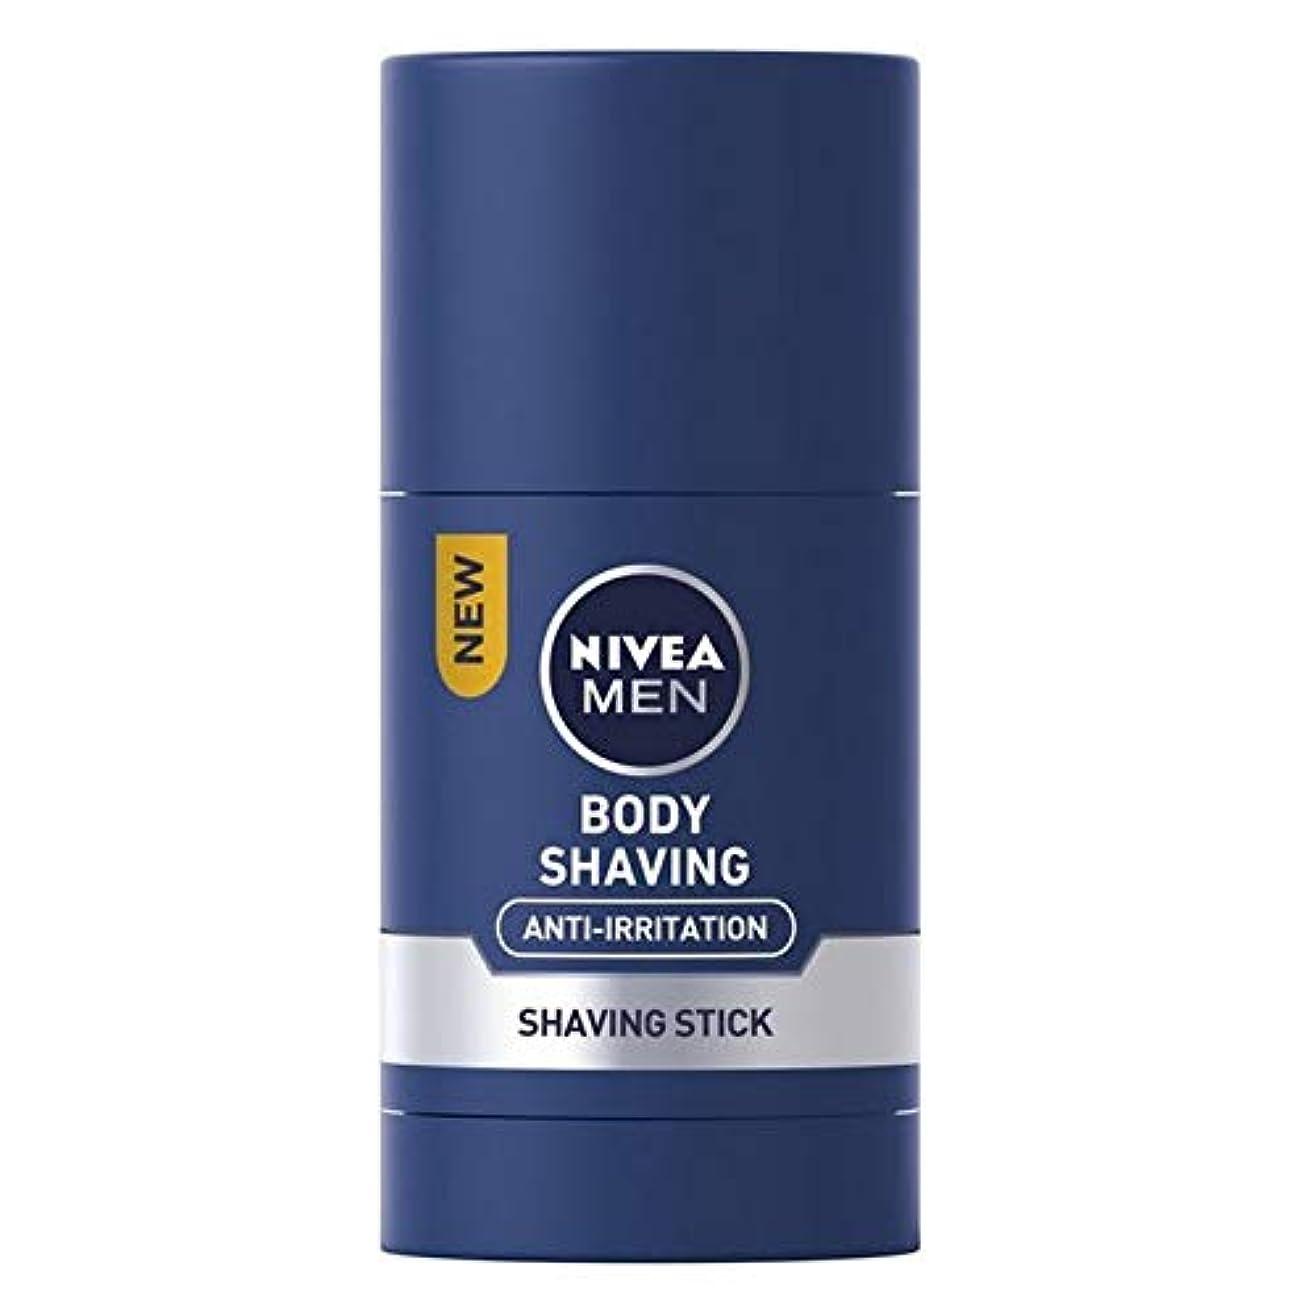 政権かどうかワークショップ[Nivea] ニベアの男性のボディシェービングスティック抗炎症の75ミリリットル - Nivea Men Body Shaving Stick Anti-Irritation 75ml [並行輸入品]